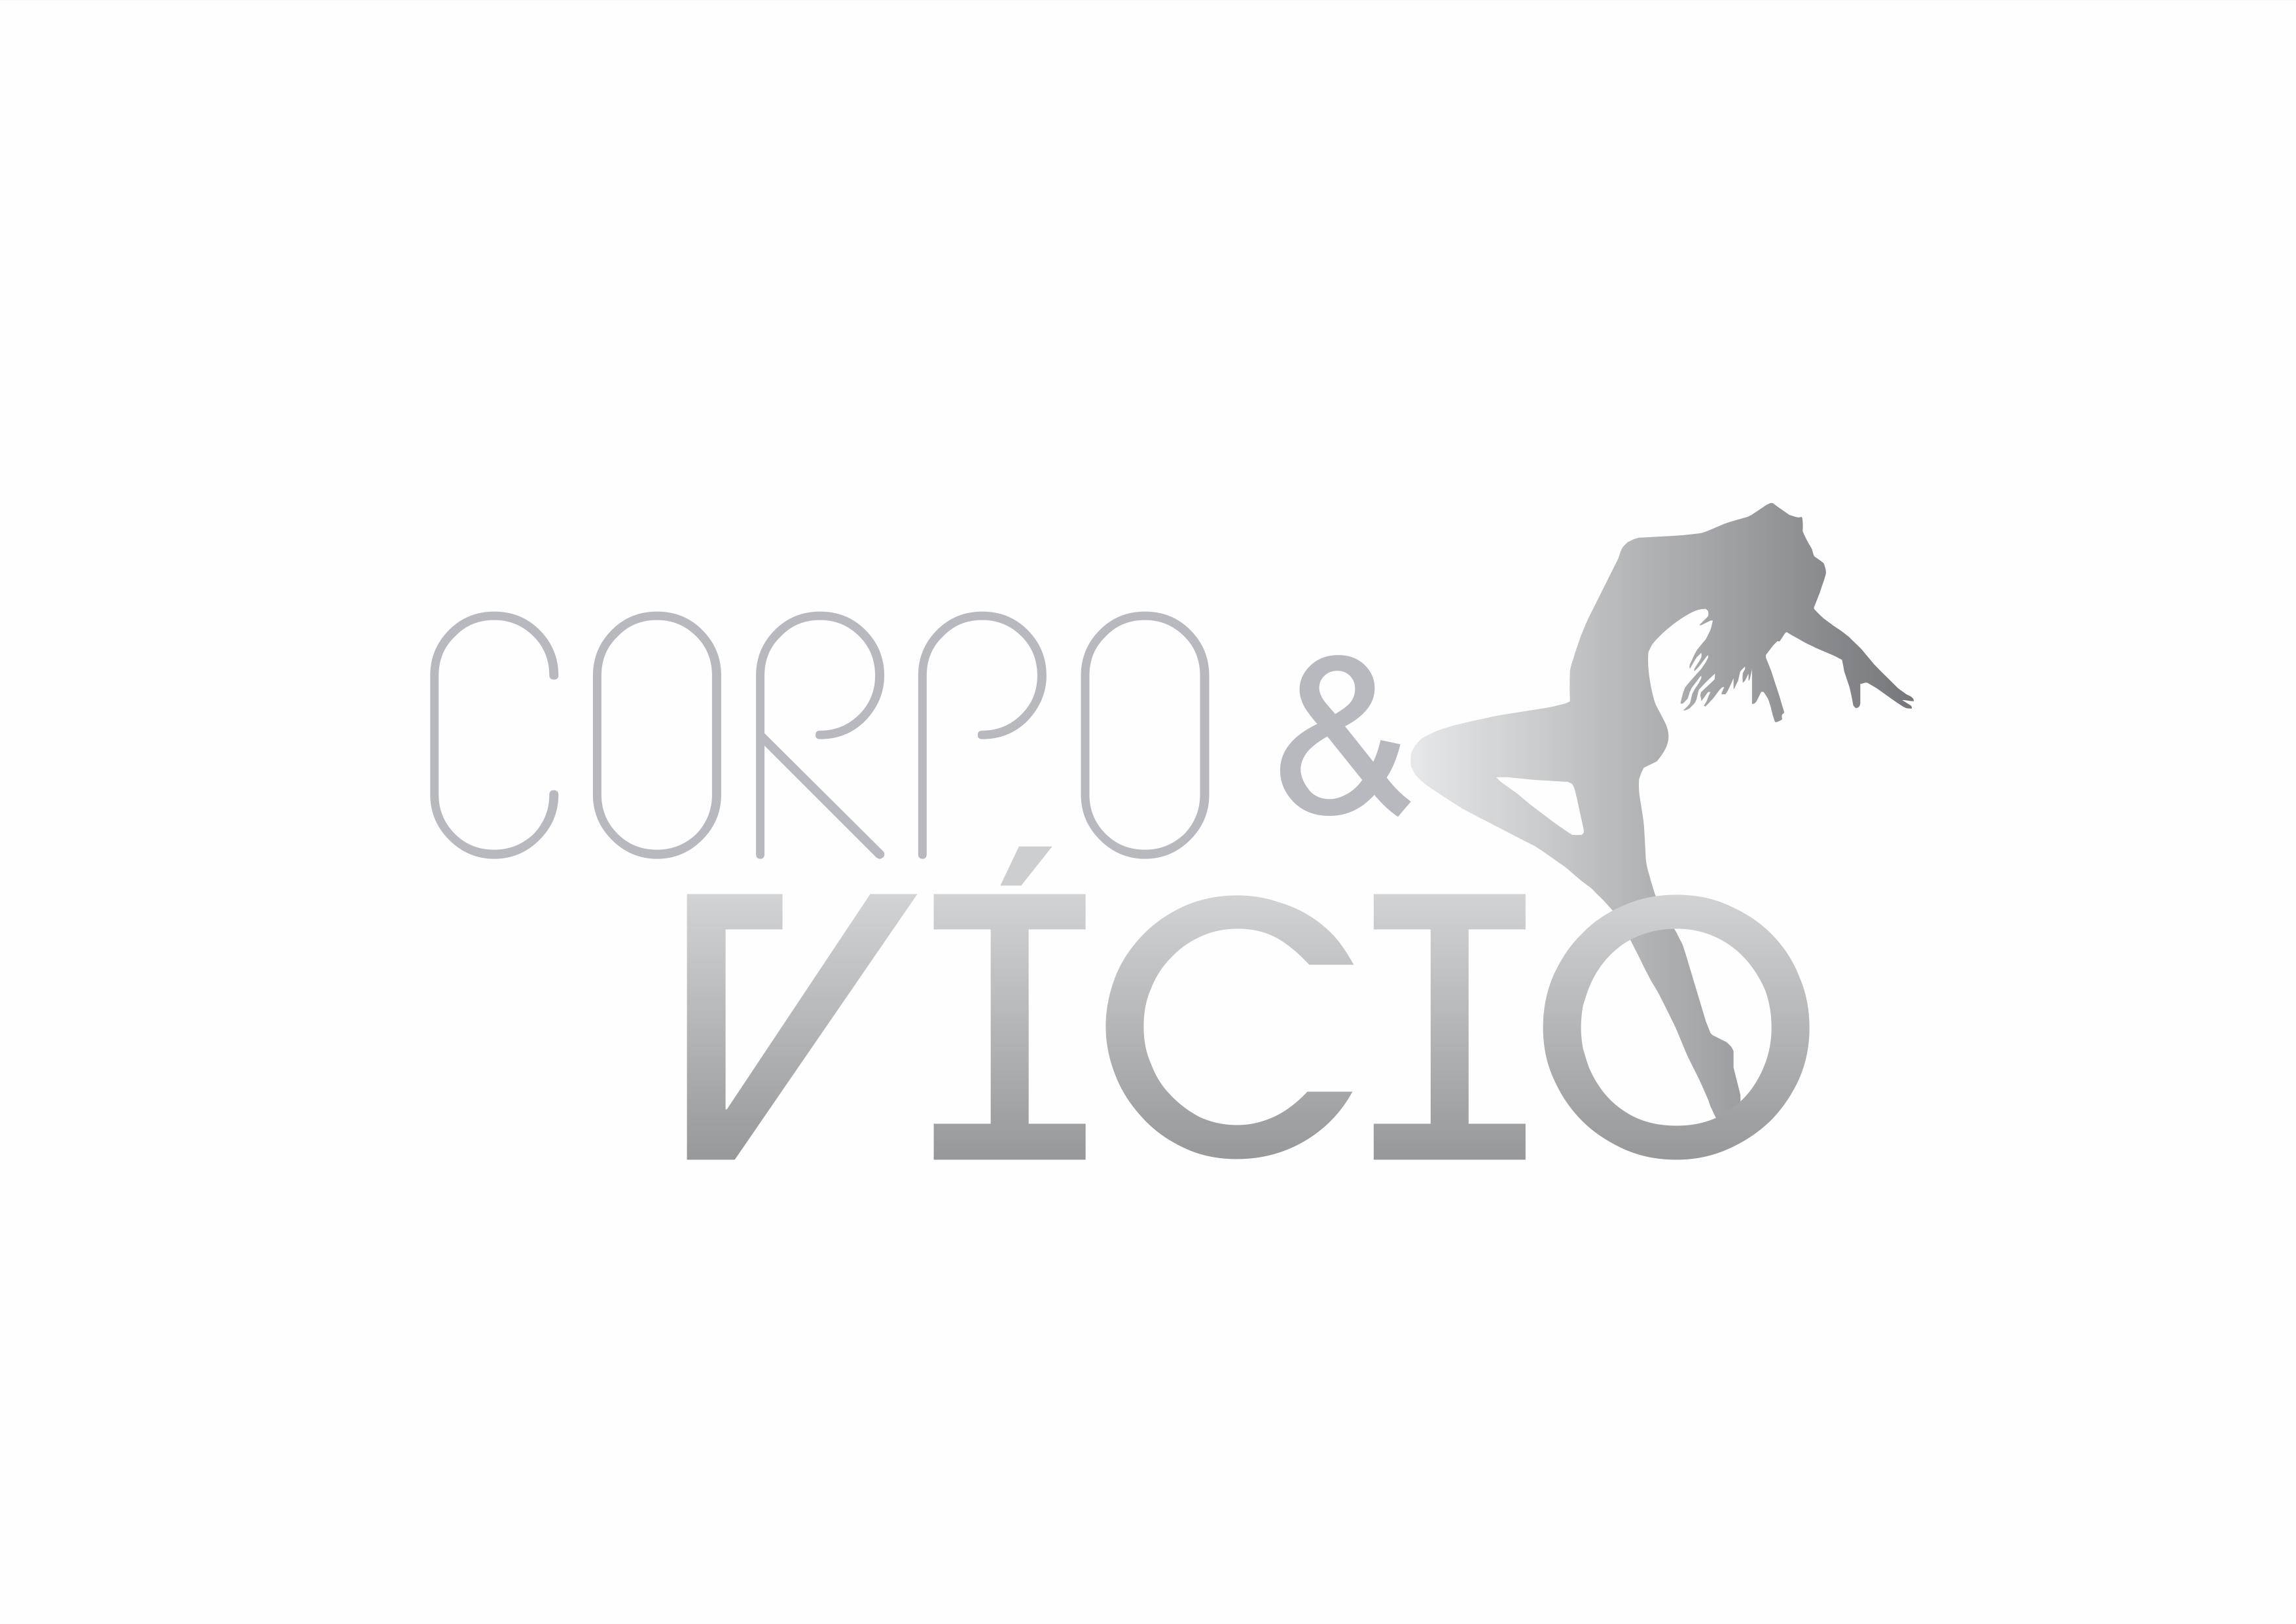 CORPO E VICIO 2